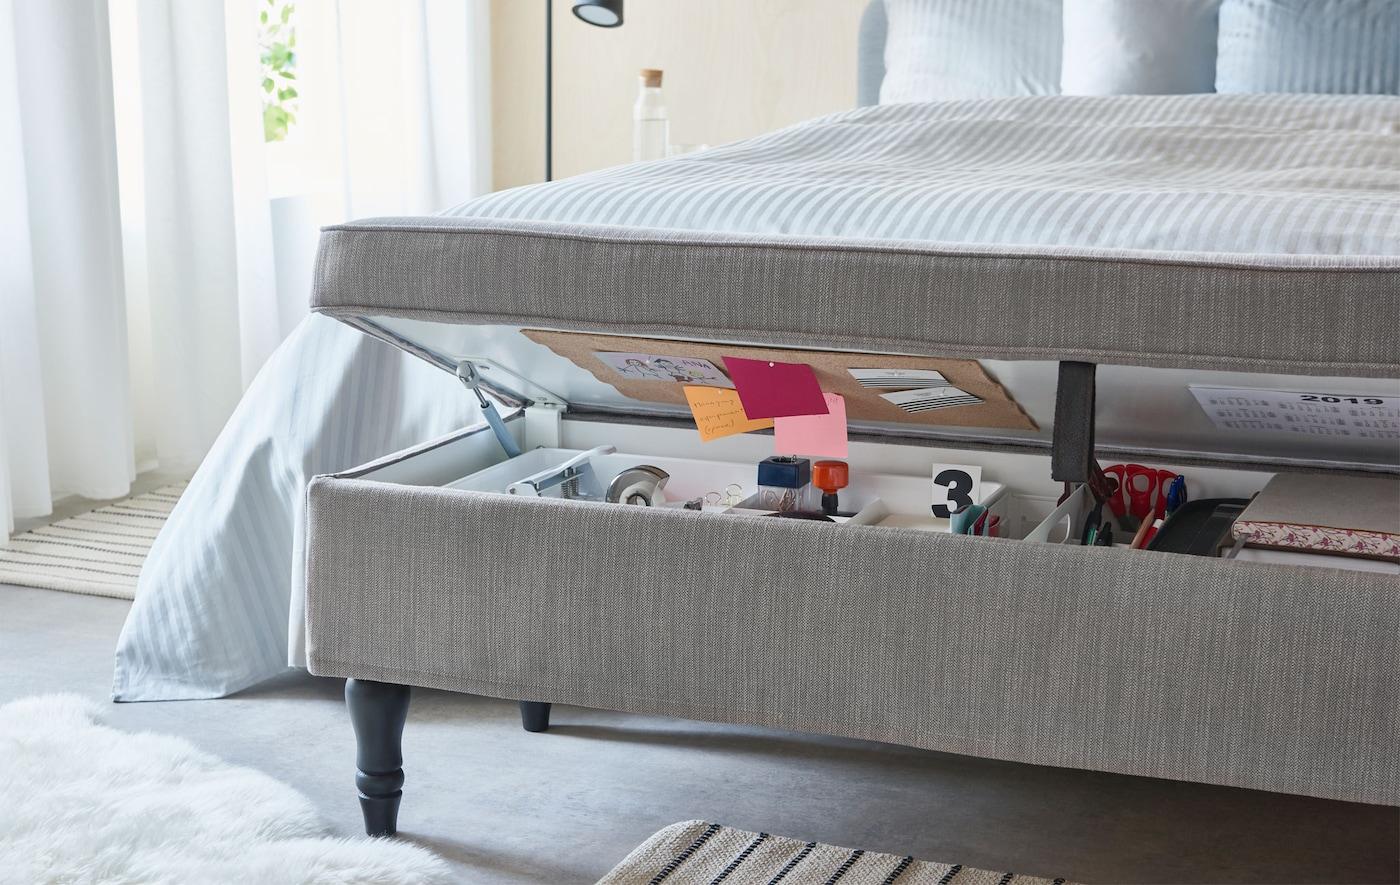 Combinaison banquette/rangement recouverte de textile. Installée au pied du lit, elle dévoile différents objets destinés à un travail de bureau à domicile.